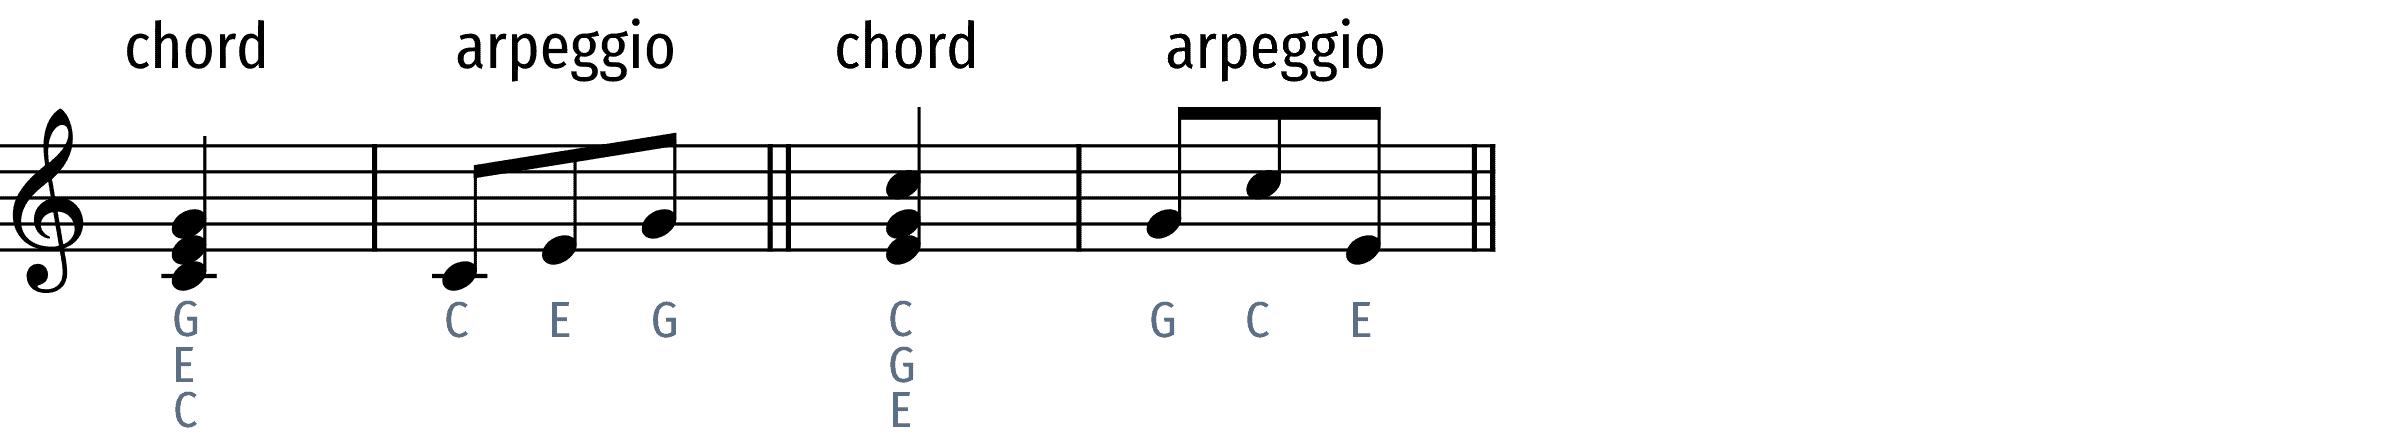 chord-vs-arpeggio